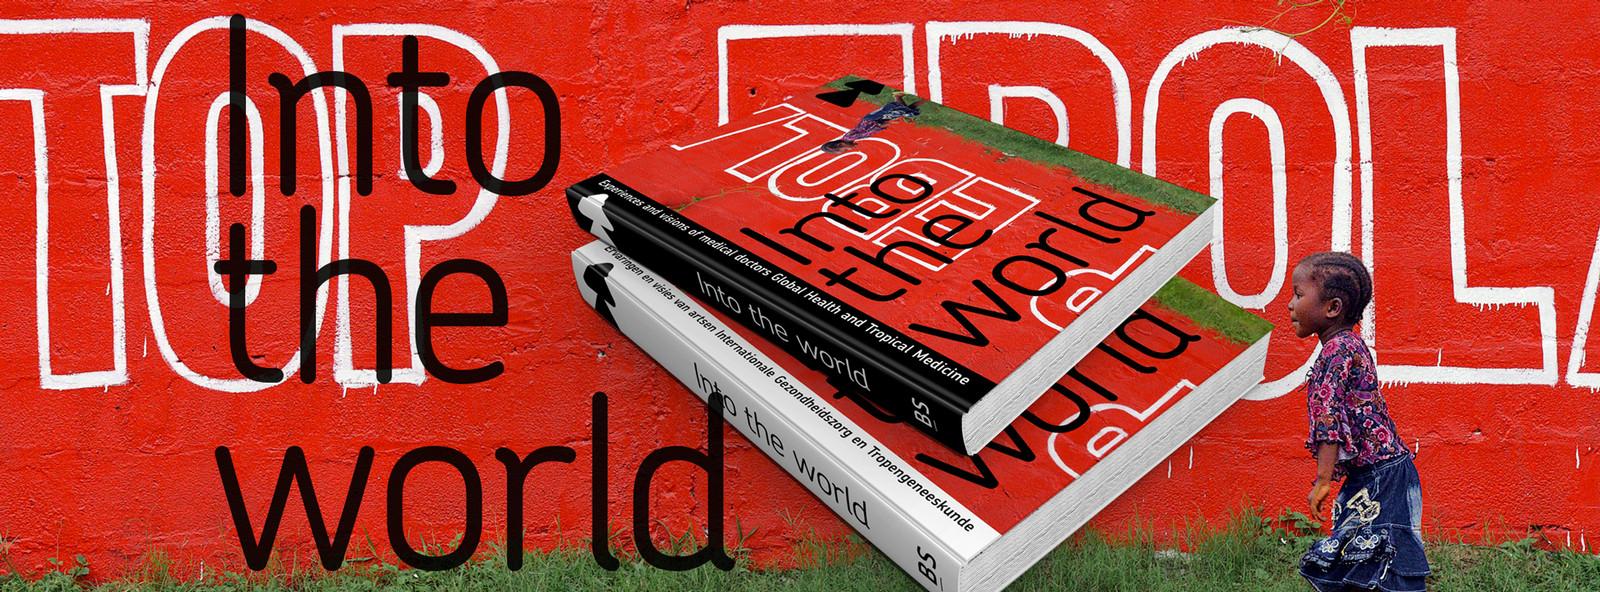 Het boek 'Into the World' laat zien wat Nederlandse artsen internationale gezondheidszorg betekenen voor de gezondheidszorg overal ter wereld